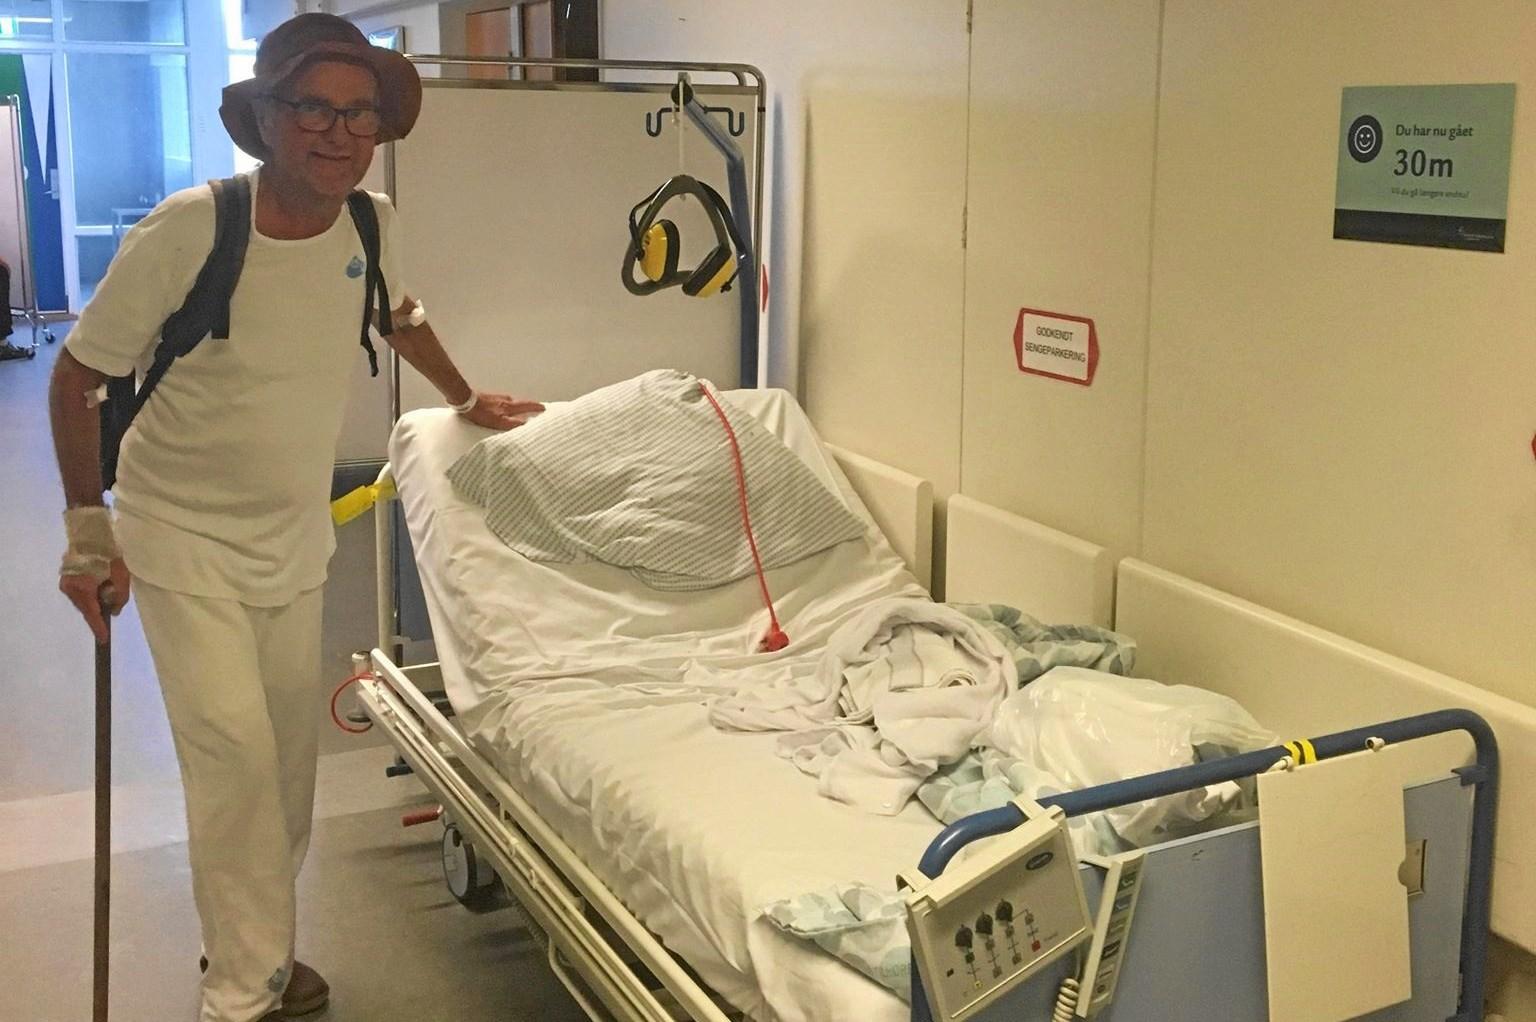 Sygehus - galehus: Erik må tage høreværn på for at udholde indlæggelse